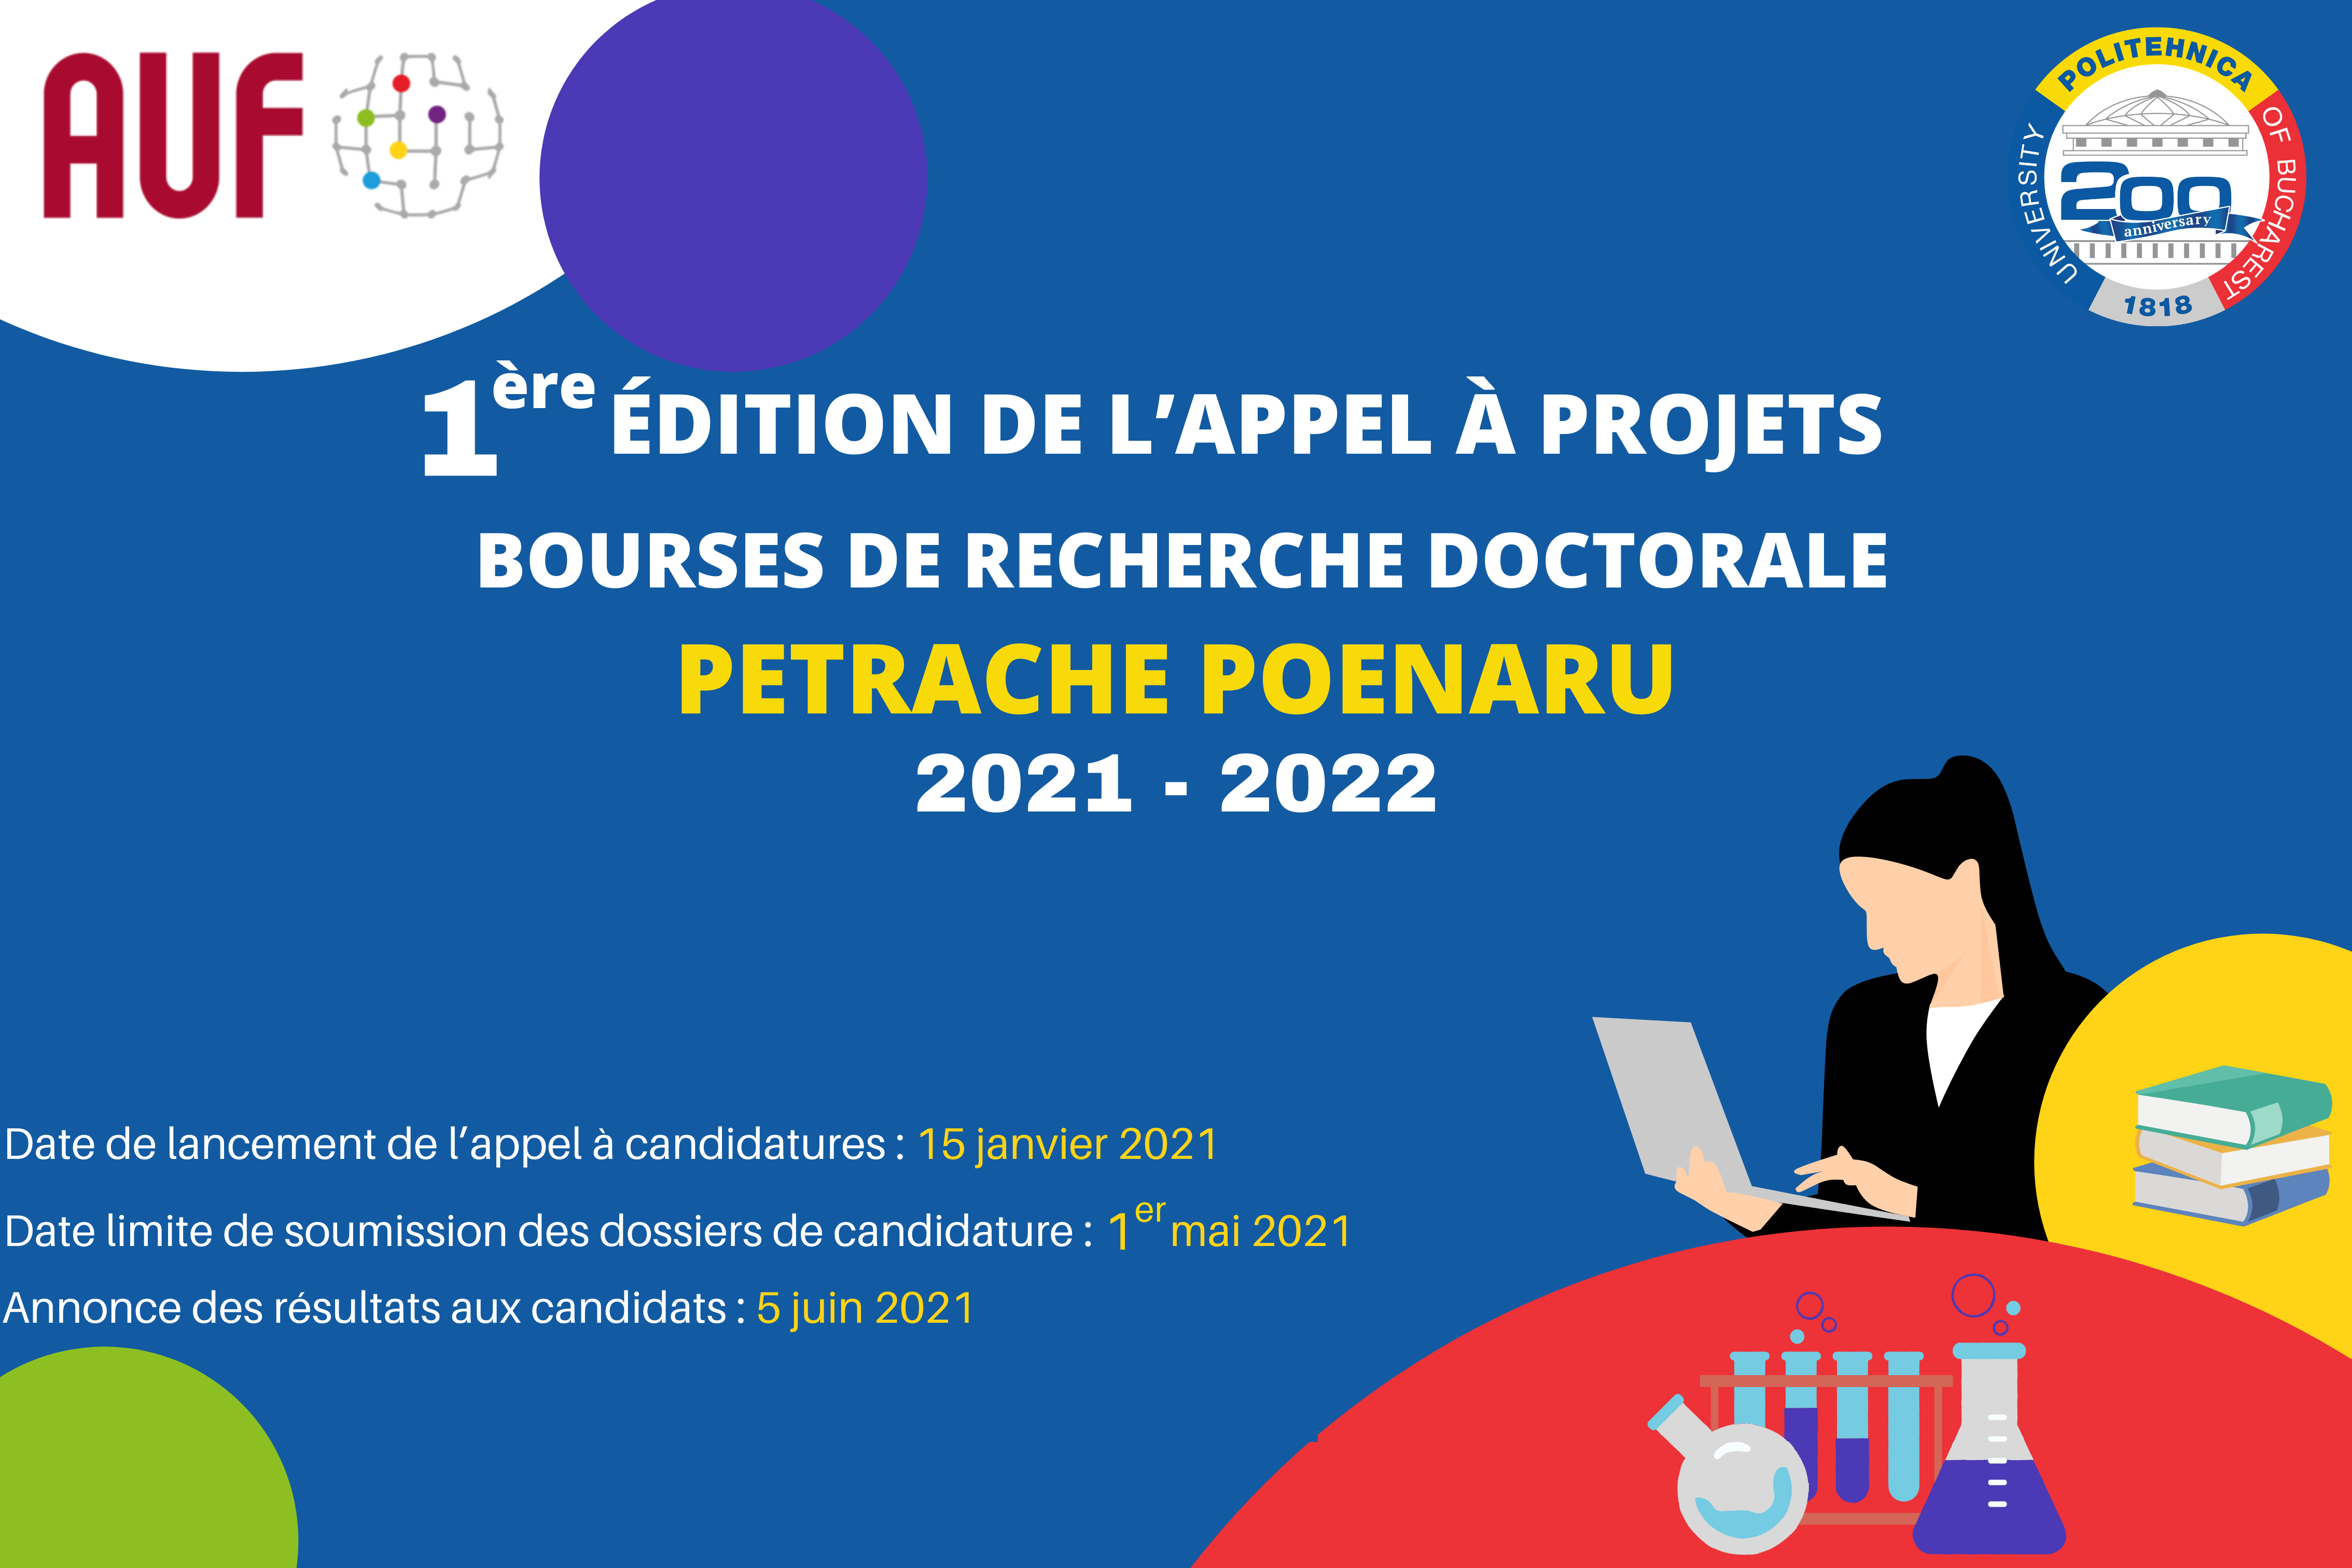 Appel à candidatures : Bourses de recherche doctorale « Petrache Poenaru »